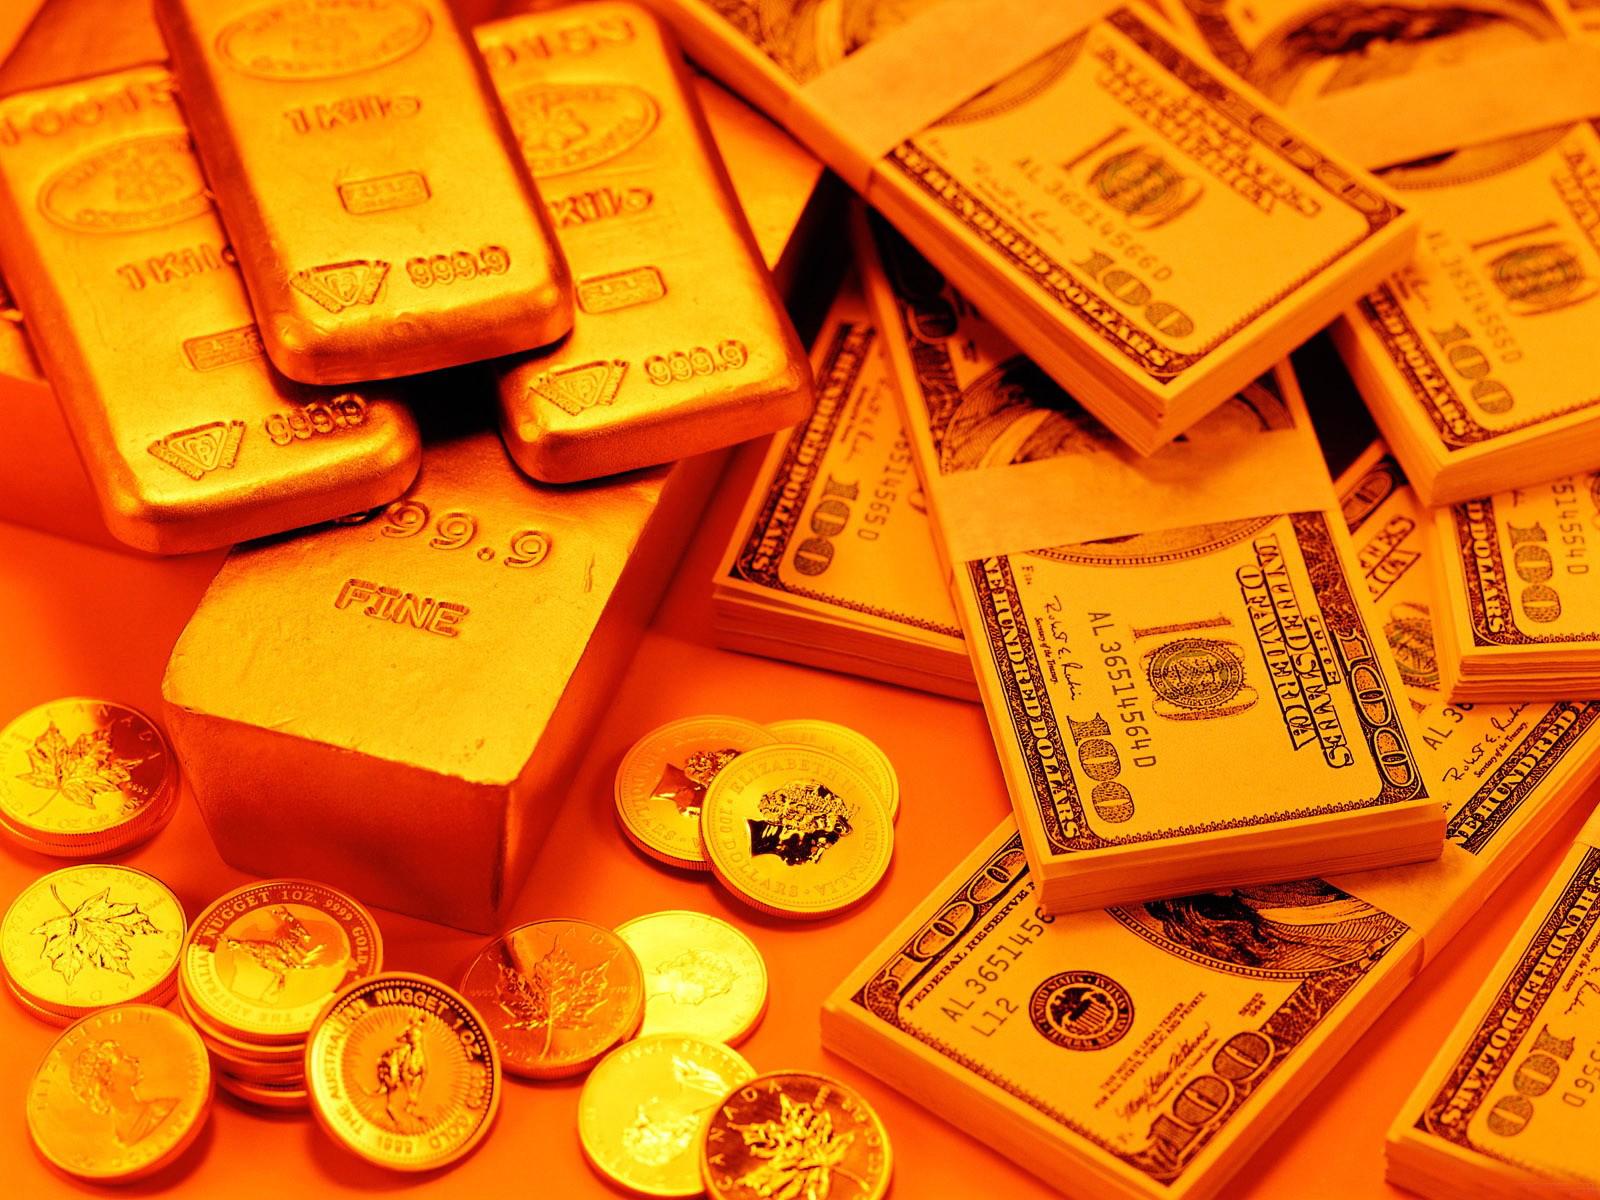 أخر الأسعار الخاصة بالدولار في السوق المصري 21-2-2014